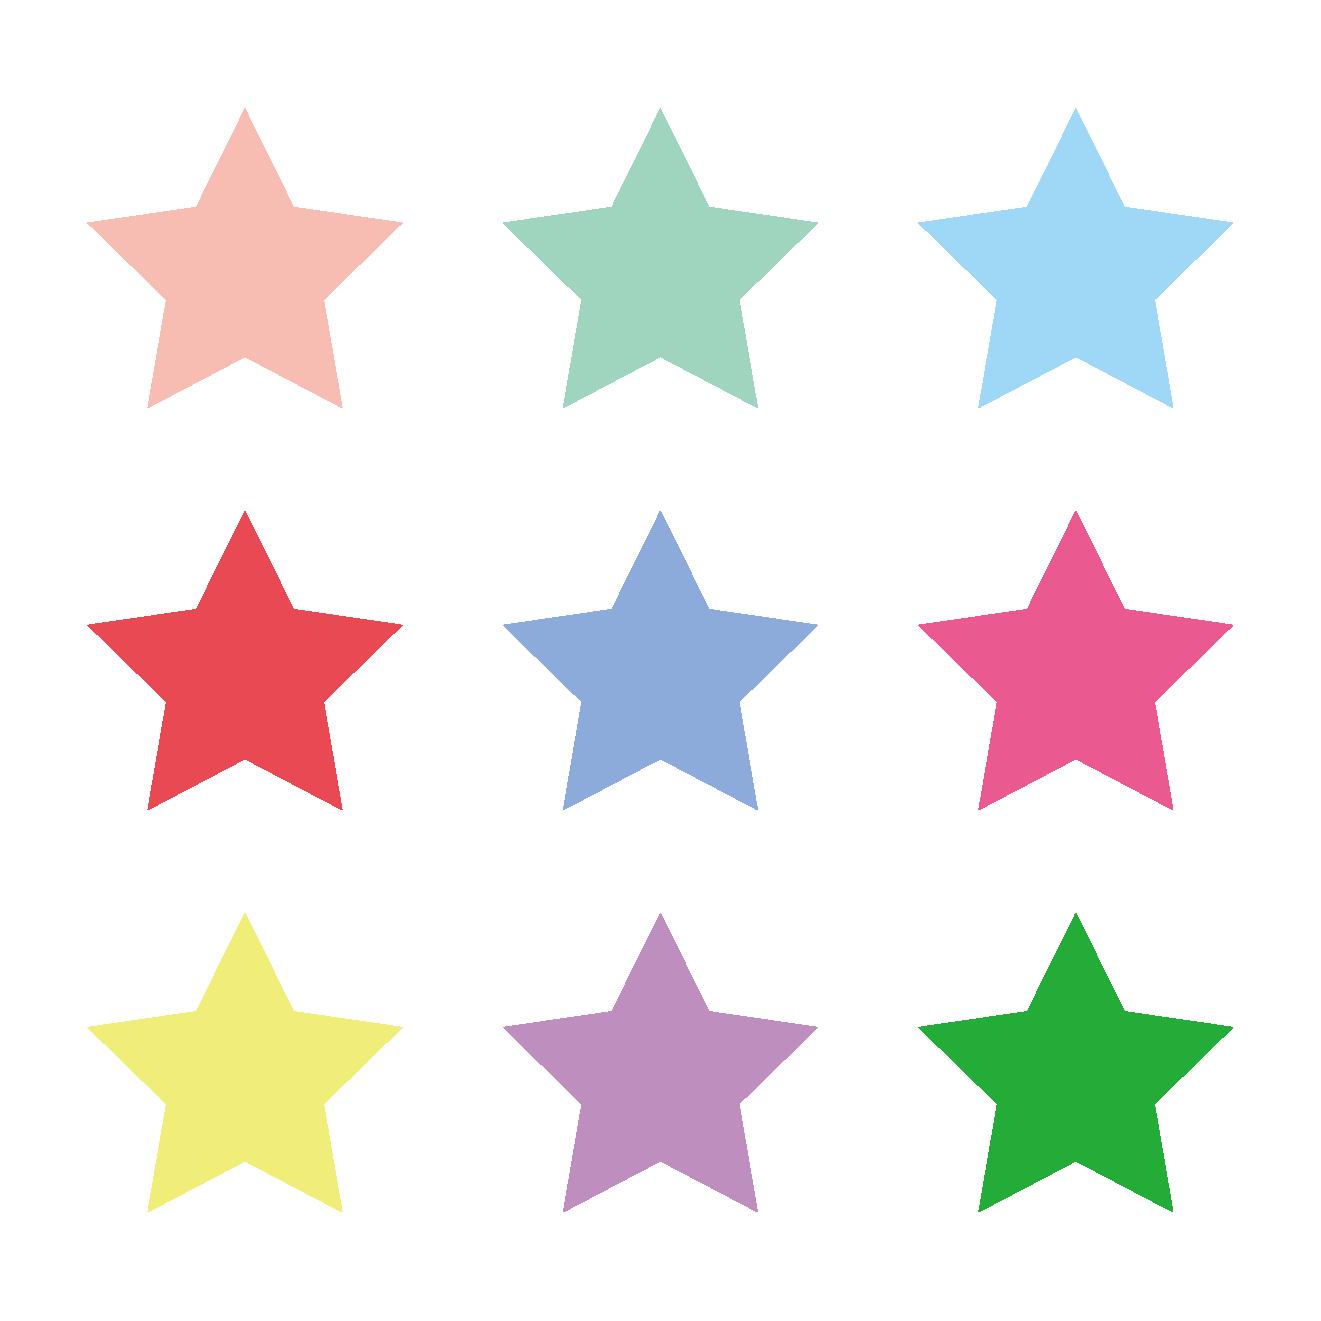 星 ほし マークのイラスト キラキラスターホシ デザイン素材 商用フリー 無料 のイラスト素材なら イラストマンション